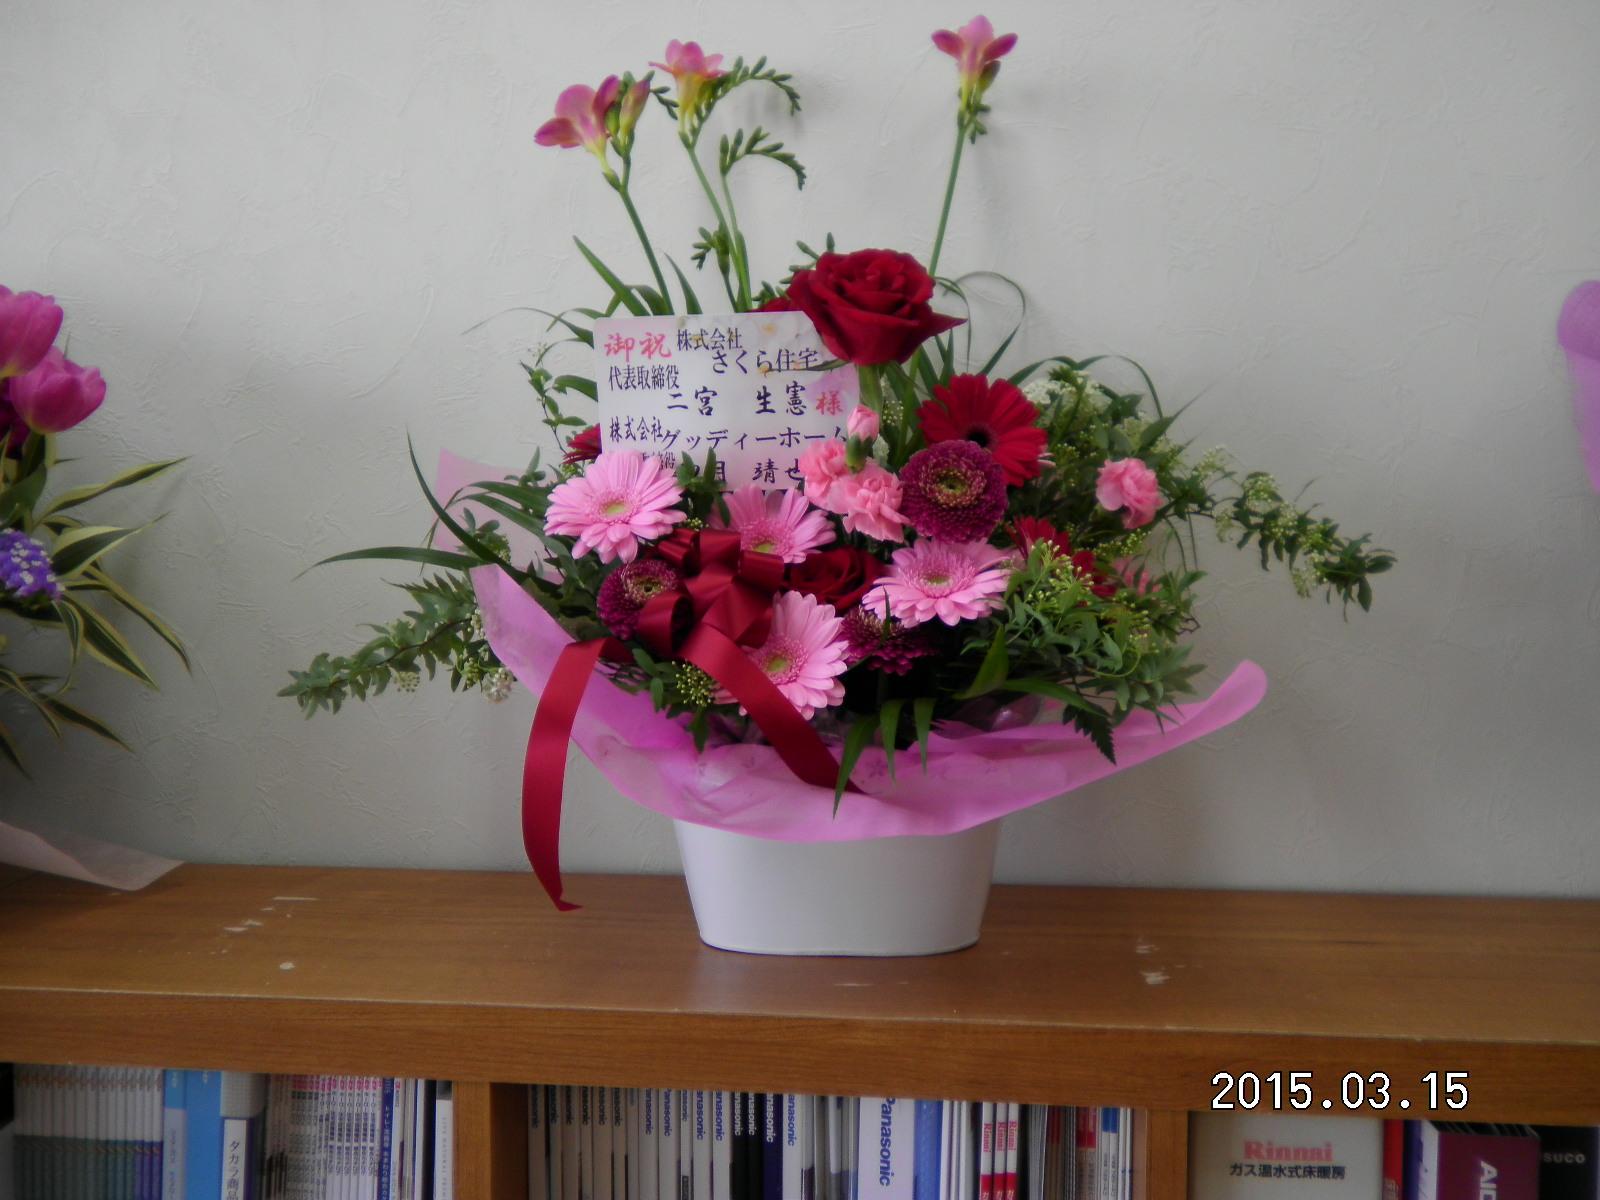 たくさんのお祝いのお花_e0190287_1451285.jpg